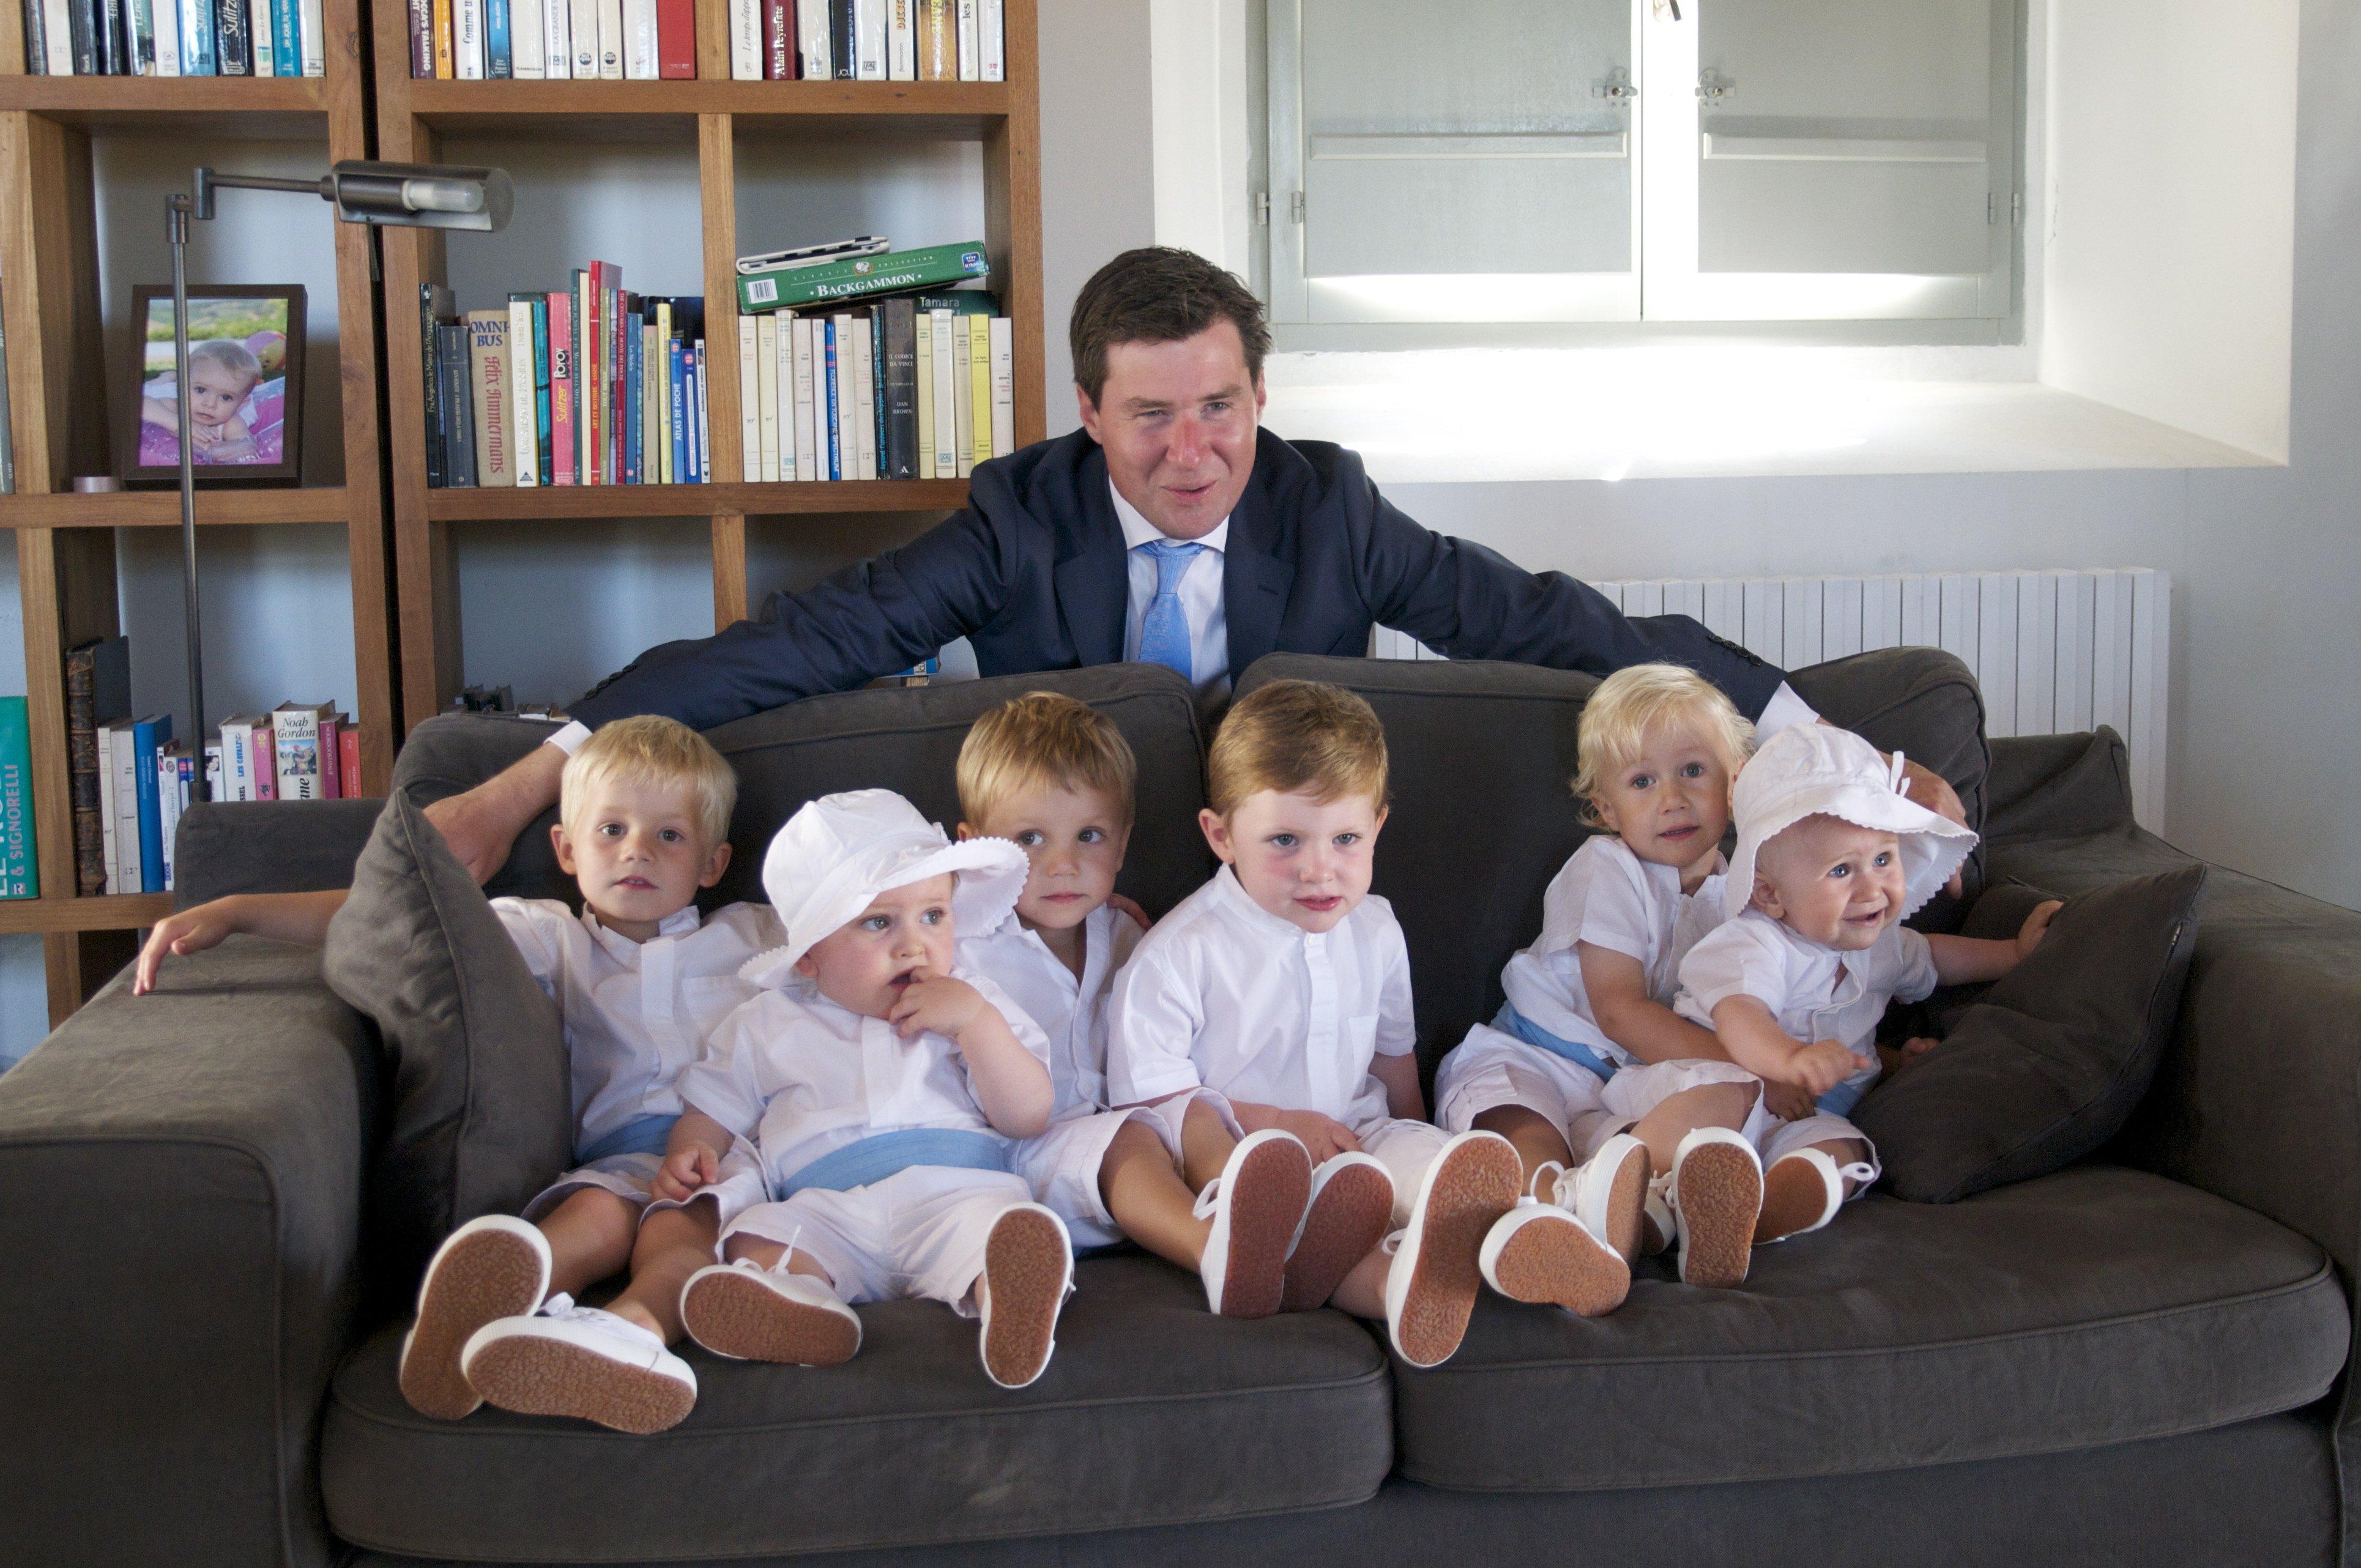 sposo abbraccia sei bambini seduti su un divano